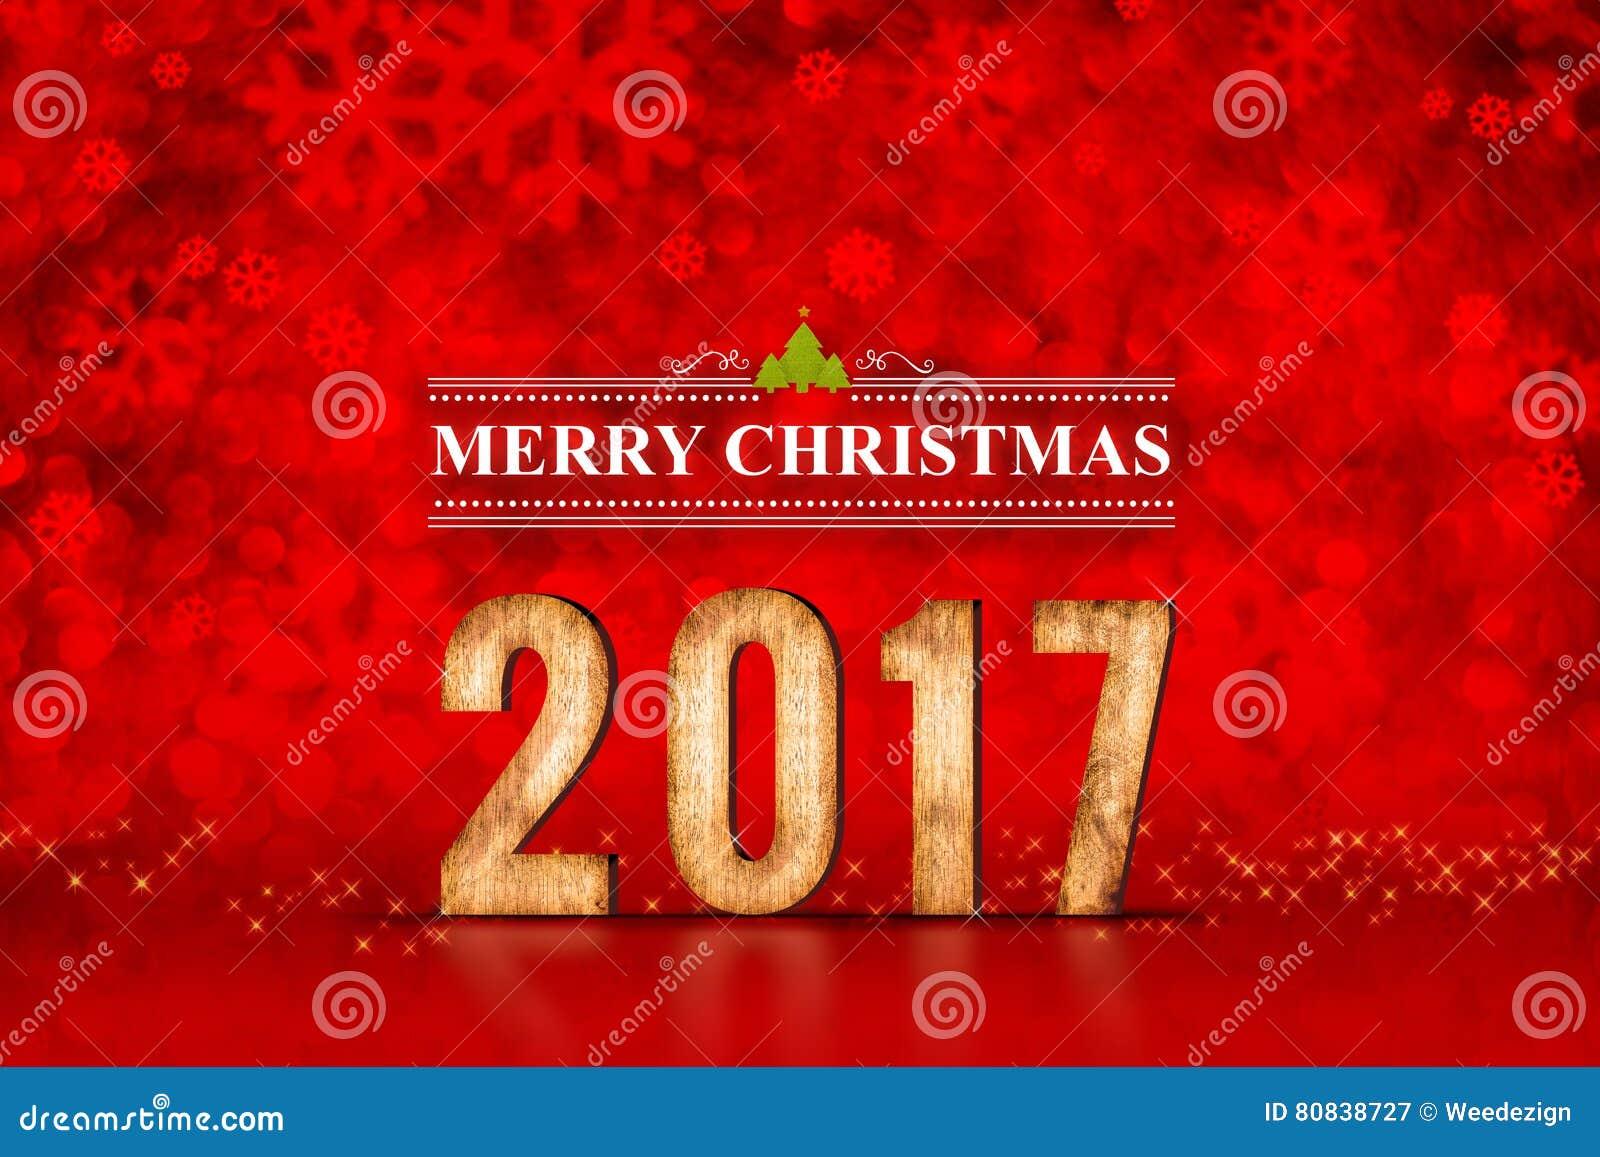 Zahl der frohen Weihnachten 2017 an roten funkelnden bokeh Lichtern, Urlaub